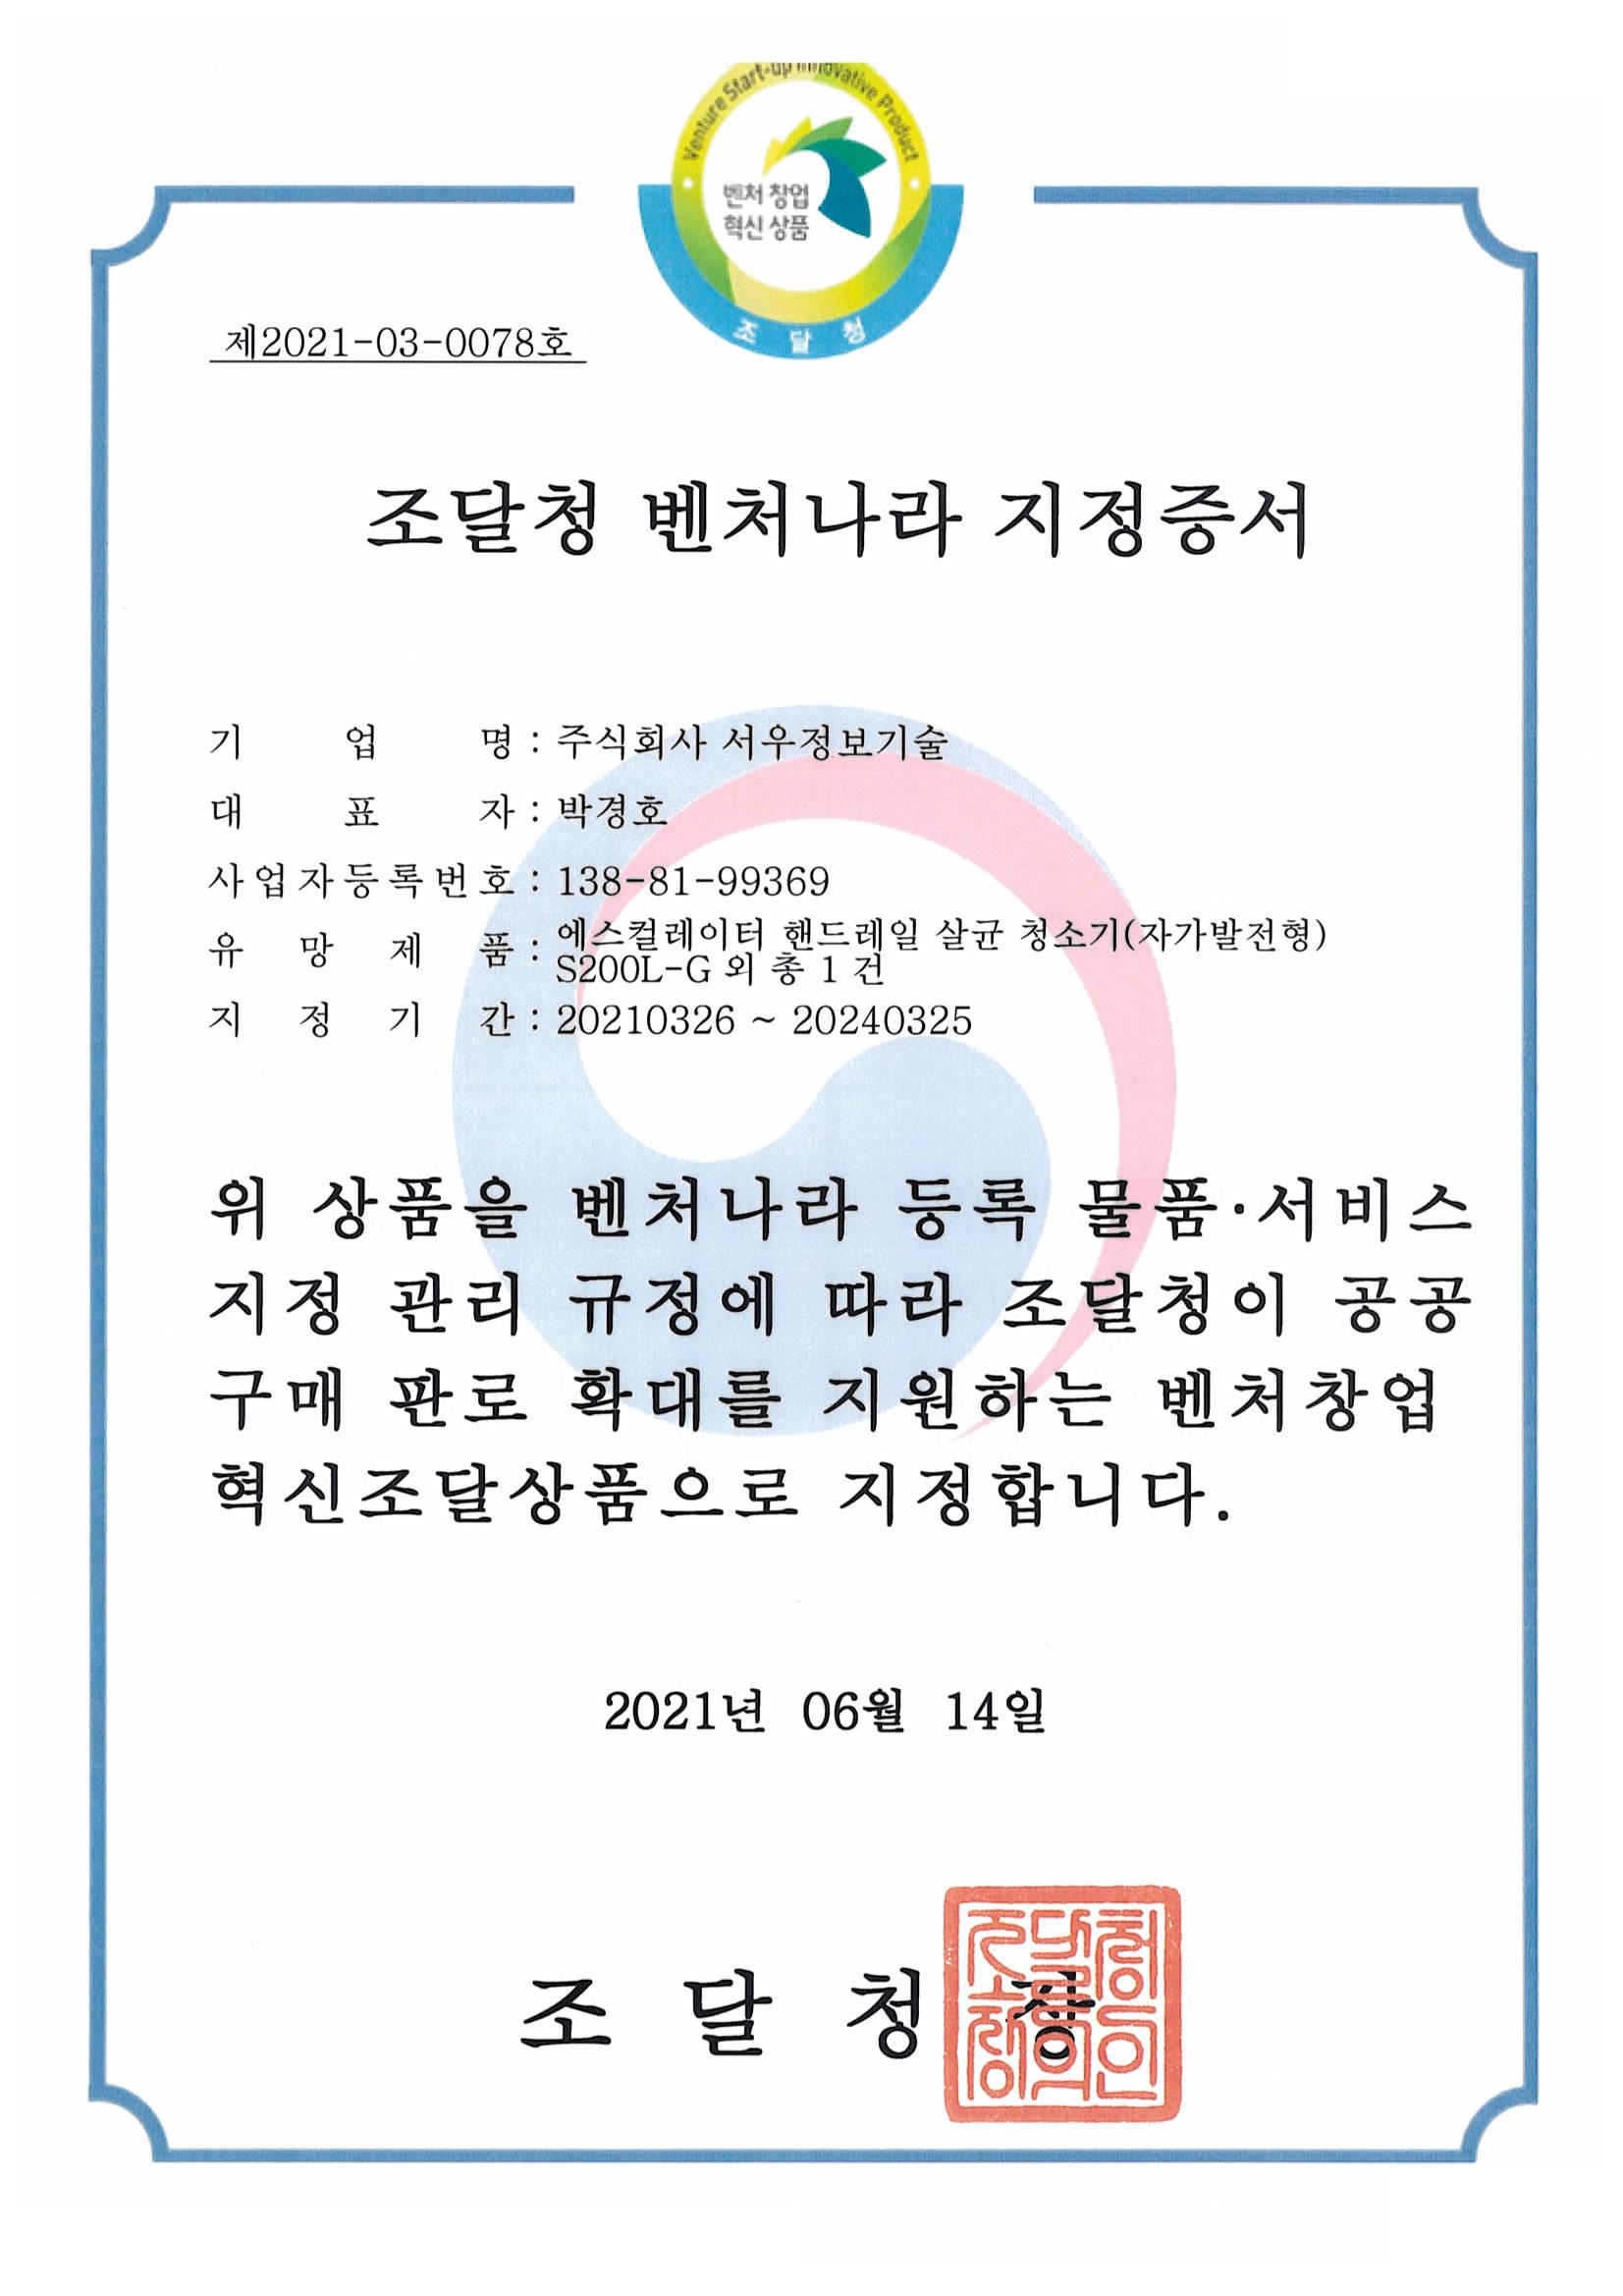 서우정보기술 위클린 조달청 벤처나라 지정증서